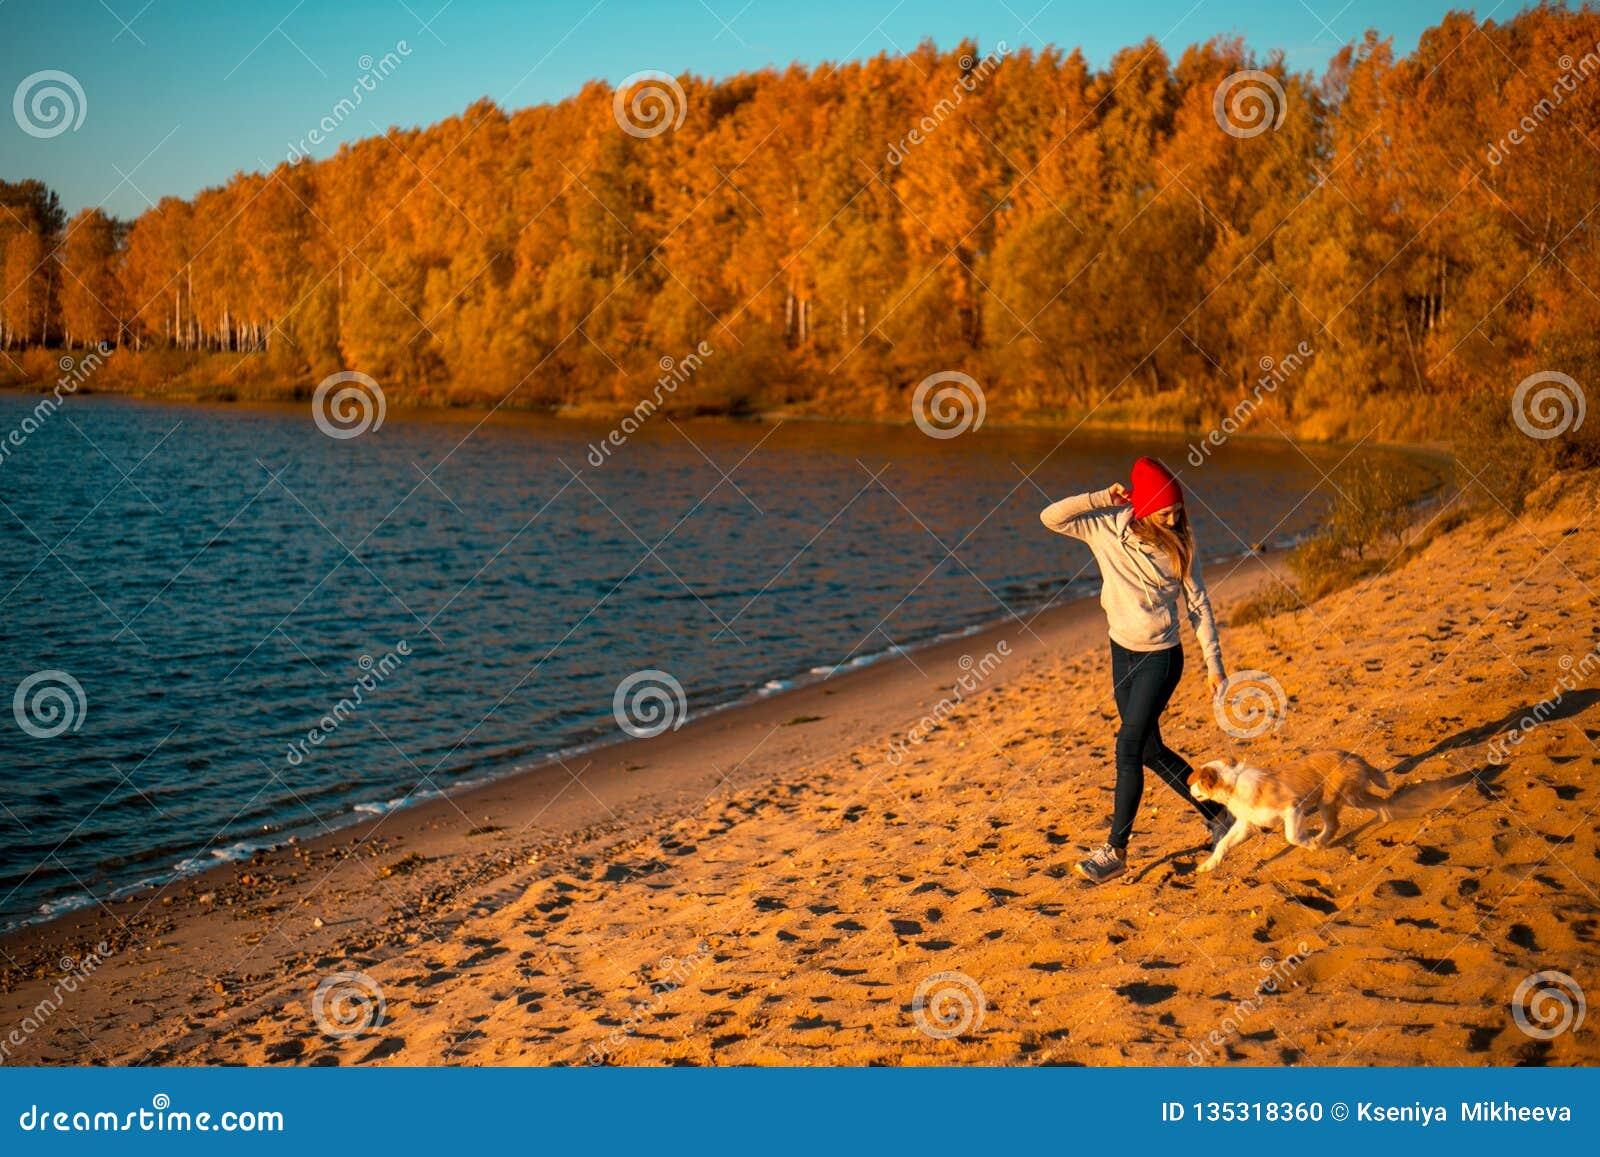 Κορίτσι με το σκυλί κόλλεϊ συνόρων στην παραλία στην παραλία κίτρινο δάσος φθινοπώρου στο υπόβαθρο